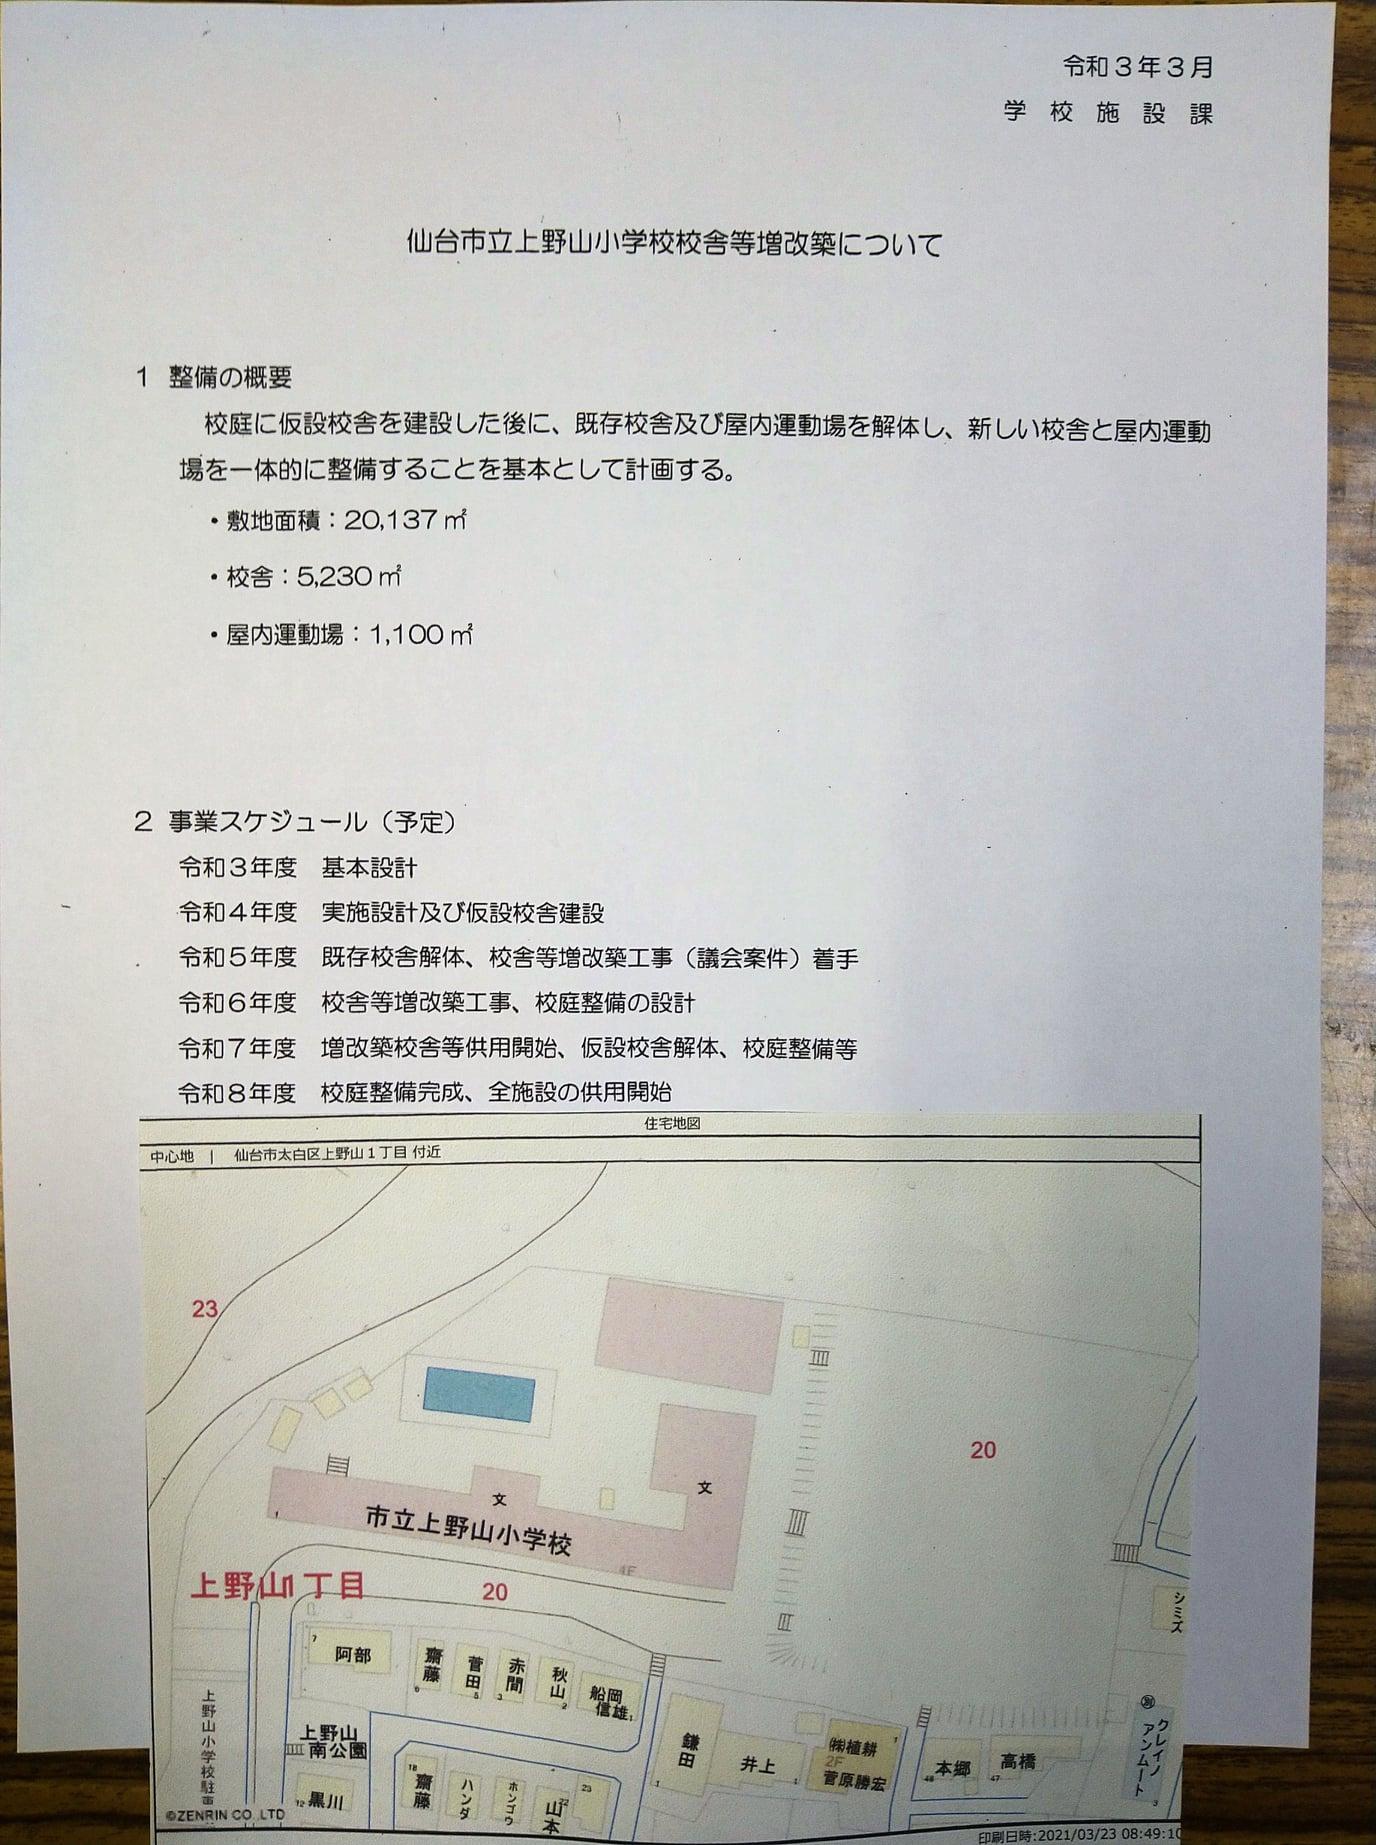 令和3年3月23日 教育局より上野山小学校校舎等改築計画の報告がなされました。